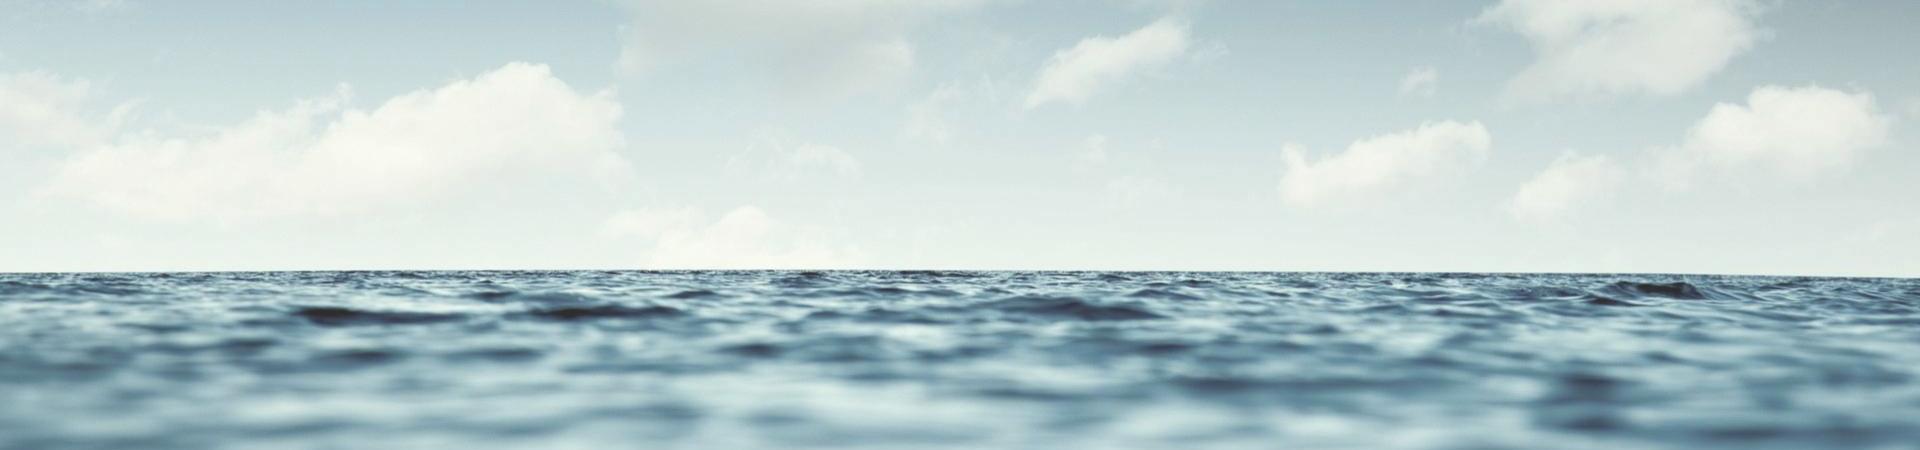 blue-ocean-sky-1920x450.jpg